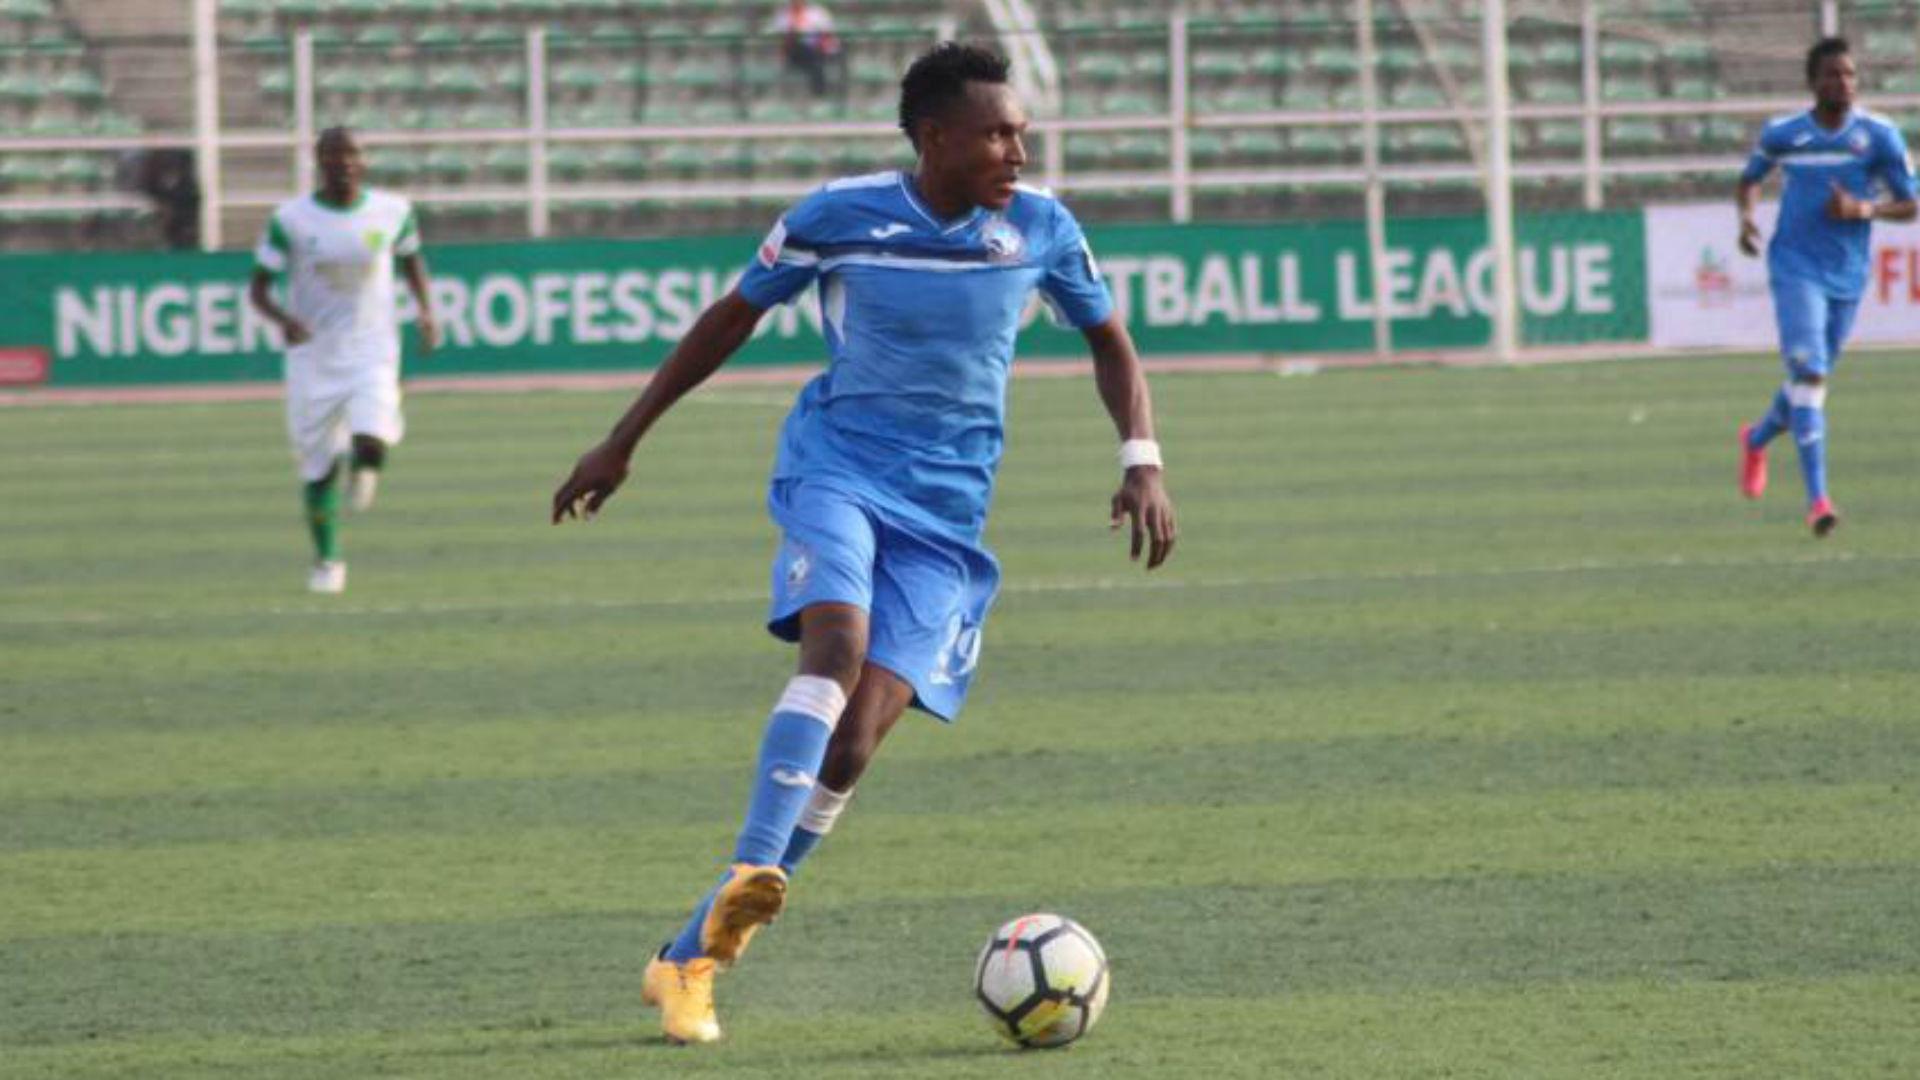 Uberlegen Enyimba Will Bounce Back Against Kano Pillars, Says Wasiu Alalade | Goal.com